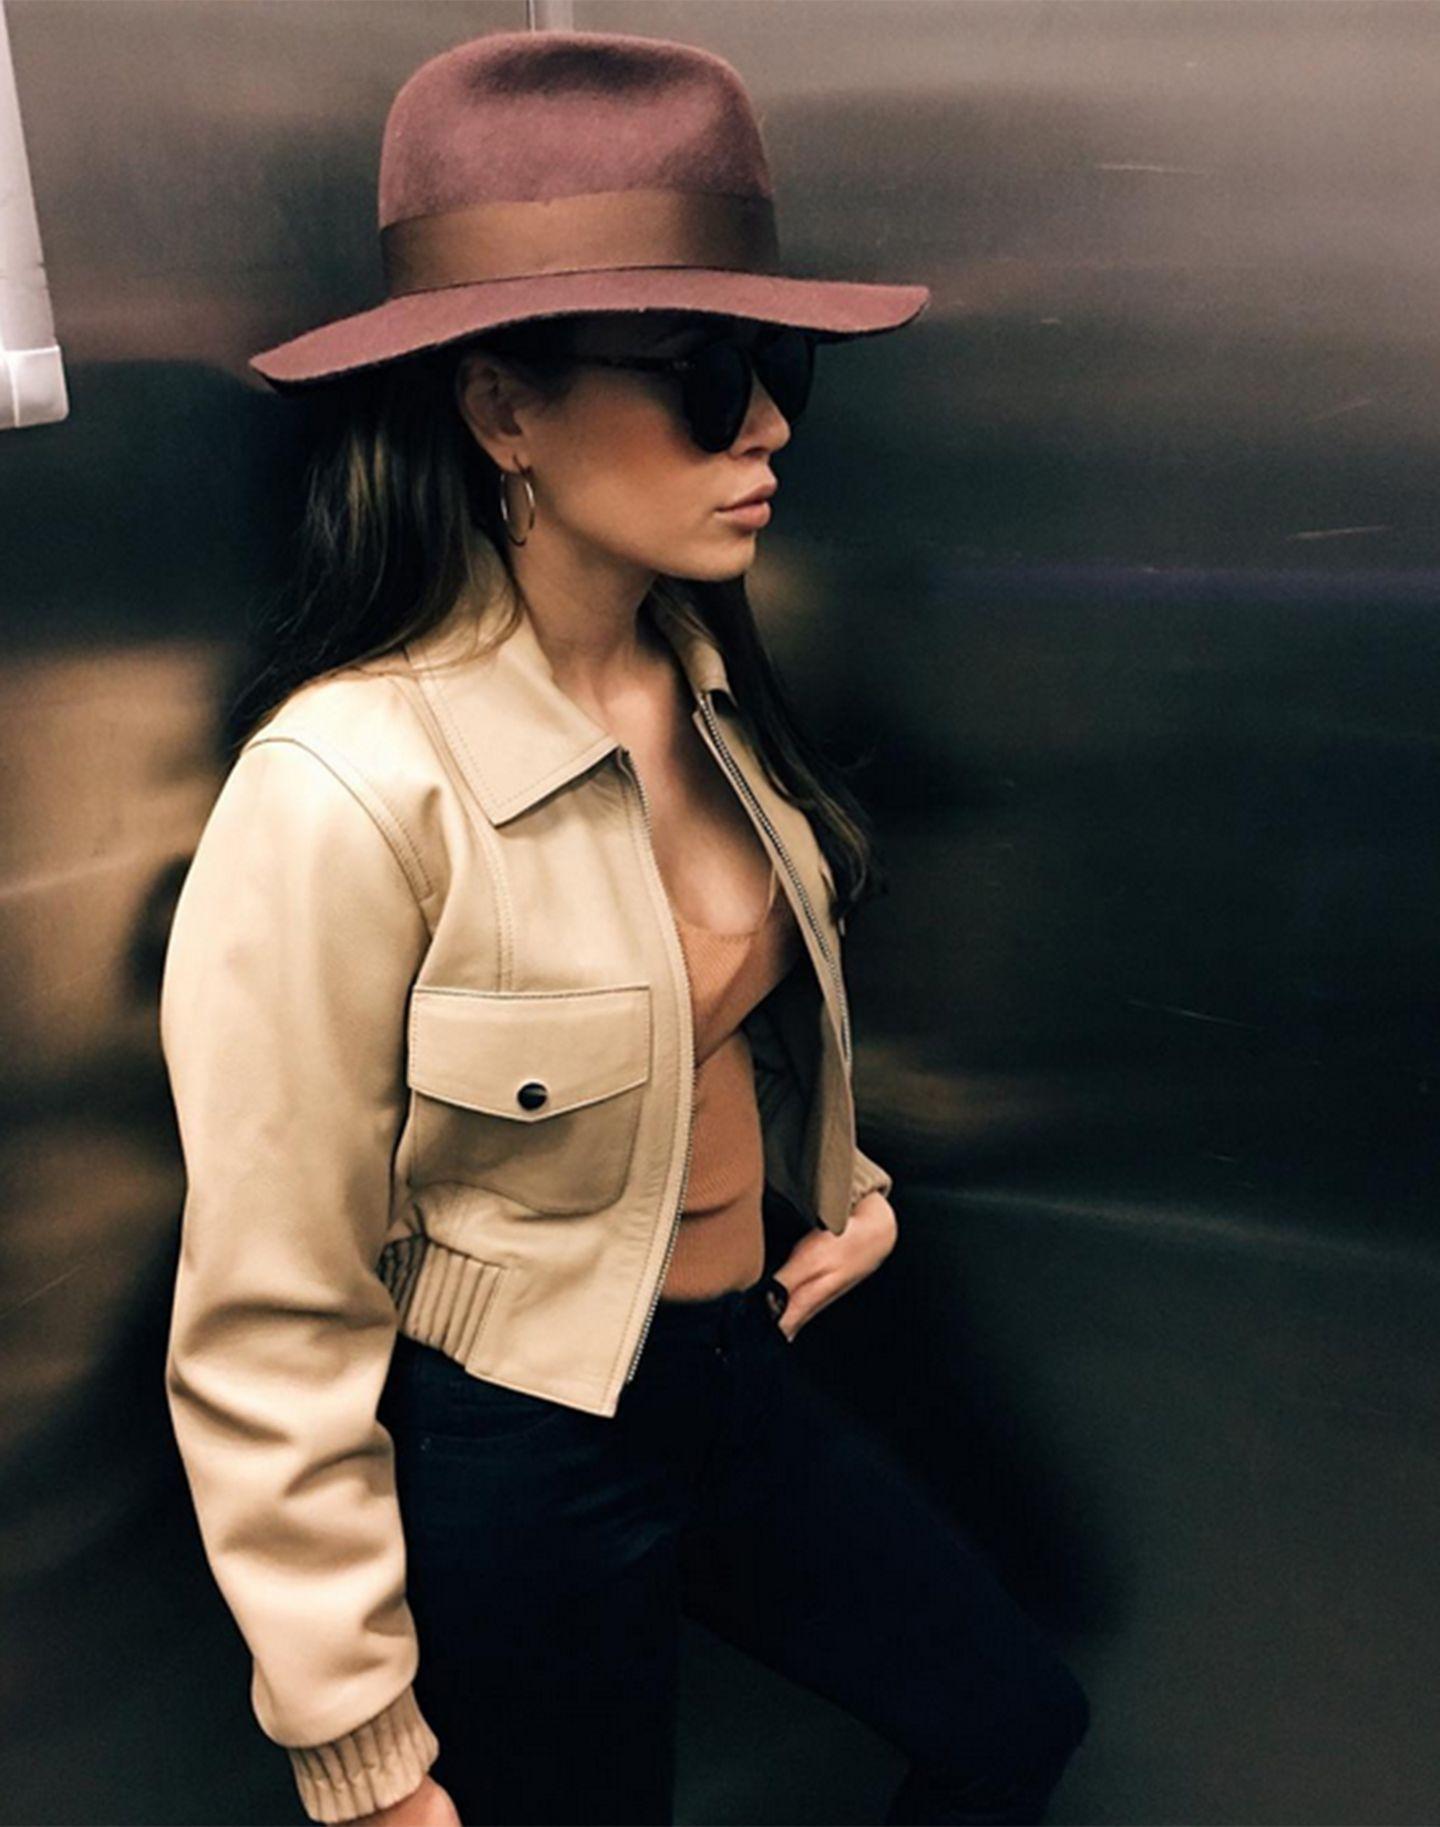 Wie Jennifer Lopez gehört auch Grace Capristo zu denjenigen, die mit Hüten sehr lässig statt lächerlich aussehen.